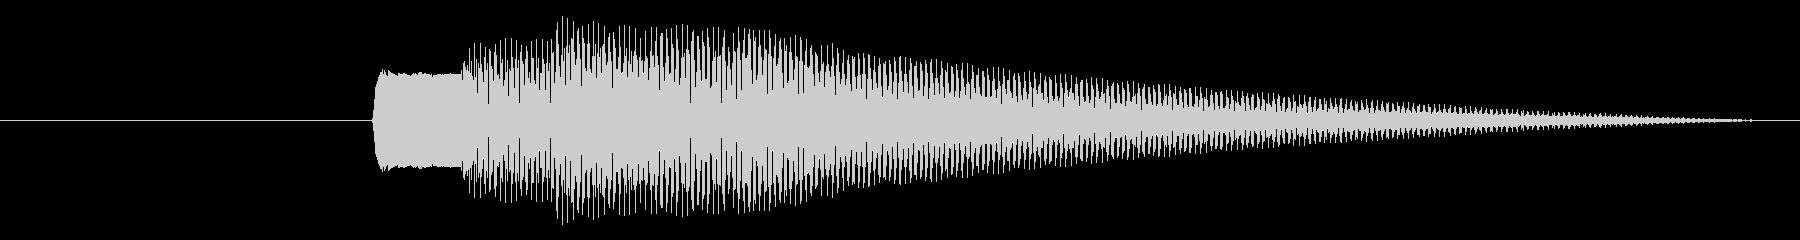 クイズで正解すると鳴るピンポンピンポン…の未再生の波形